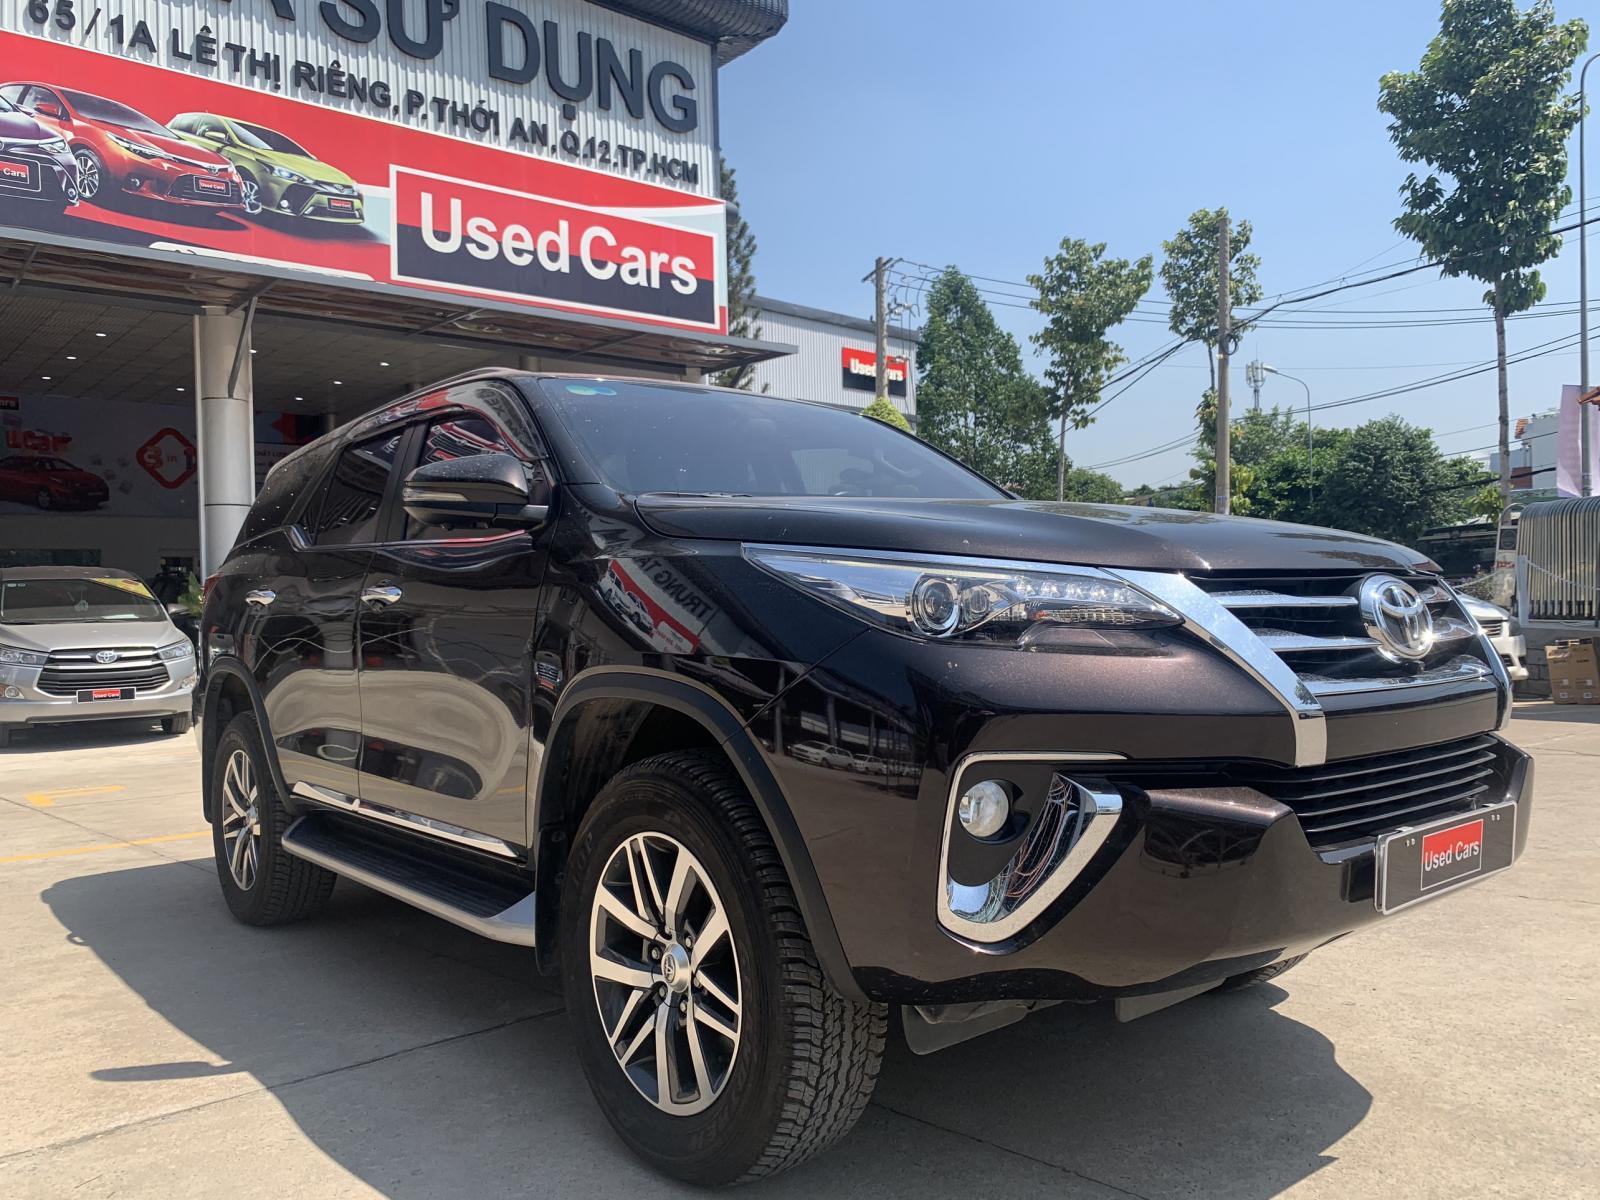 Cần bán gấp Toyota Fortuner 2.8AT8 4x4 đời 2018, màu nâu